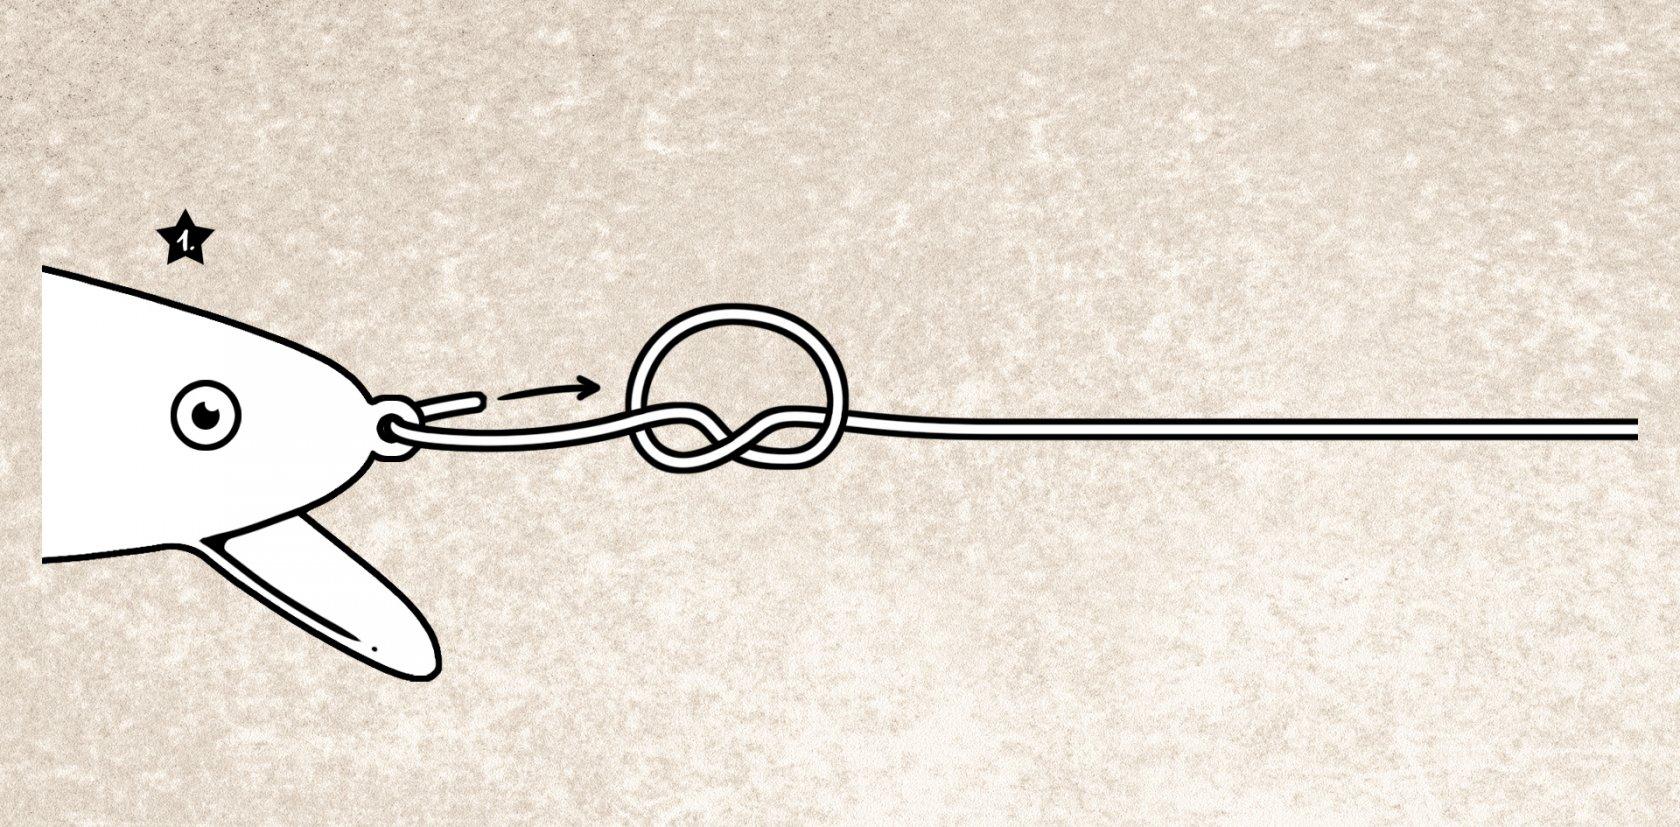 Rapala-Knoten Anleitung zum Binden